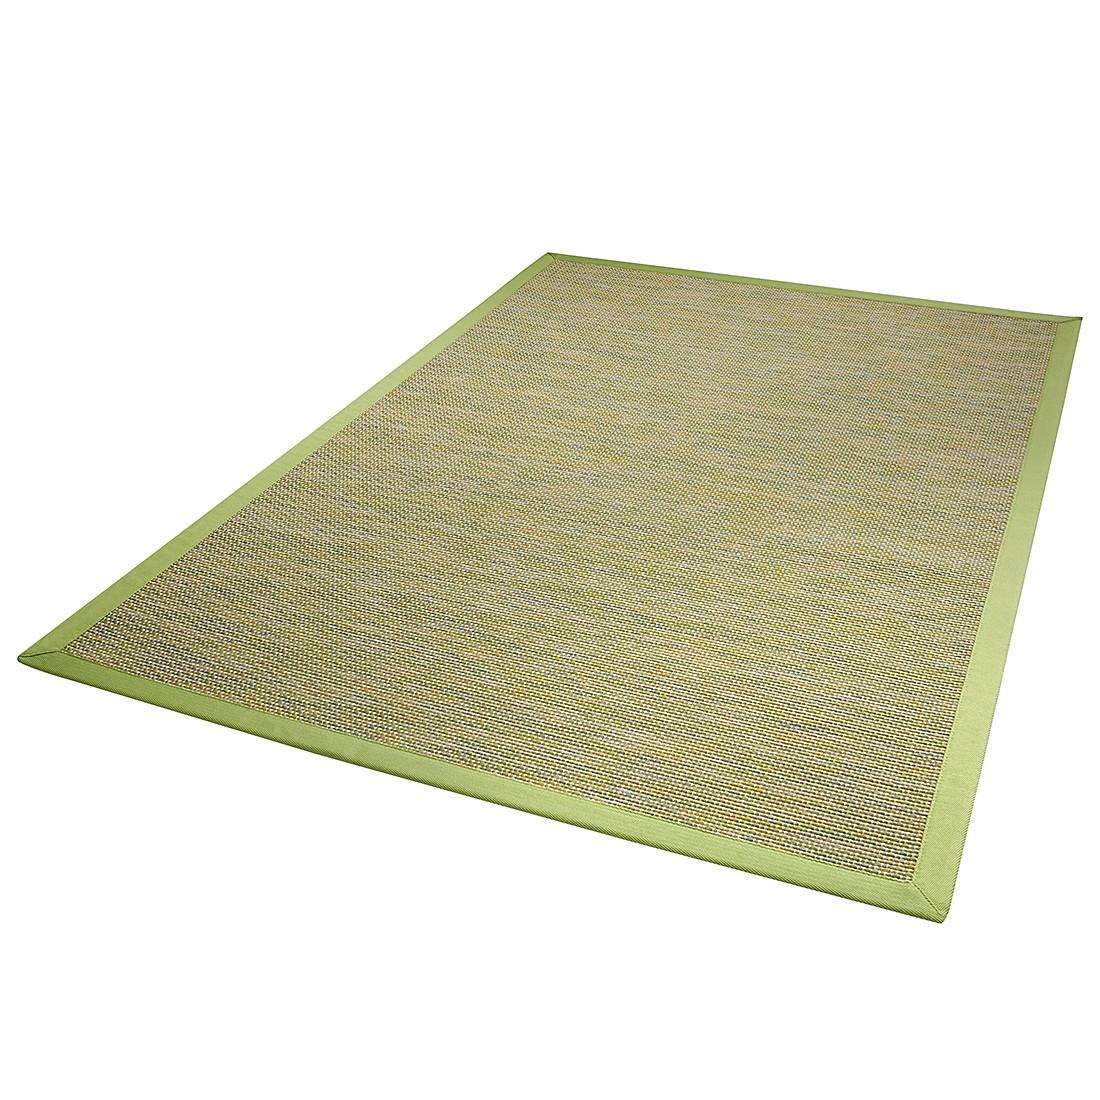 In-/Outdoorteppich Naturino Color – Grün – 170 x 230 cm, DEKOWE günstig kaufen